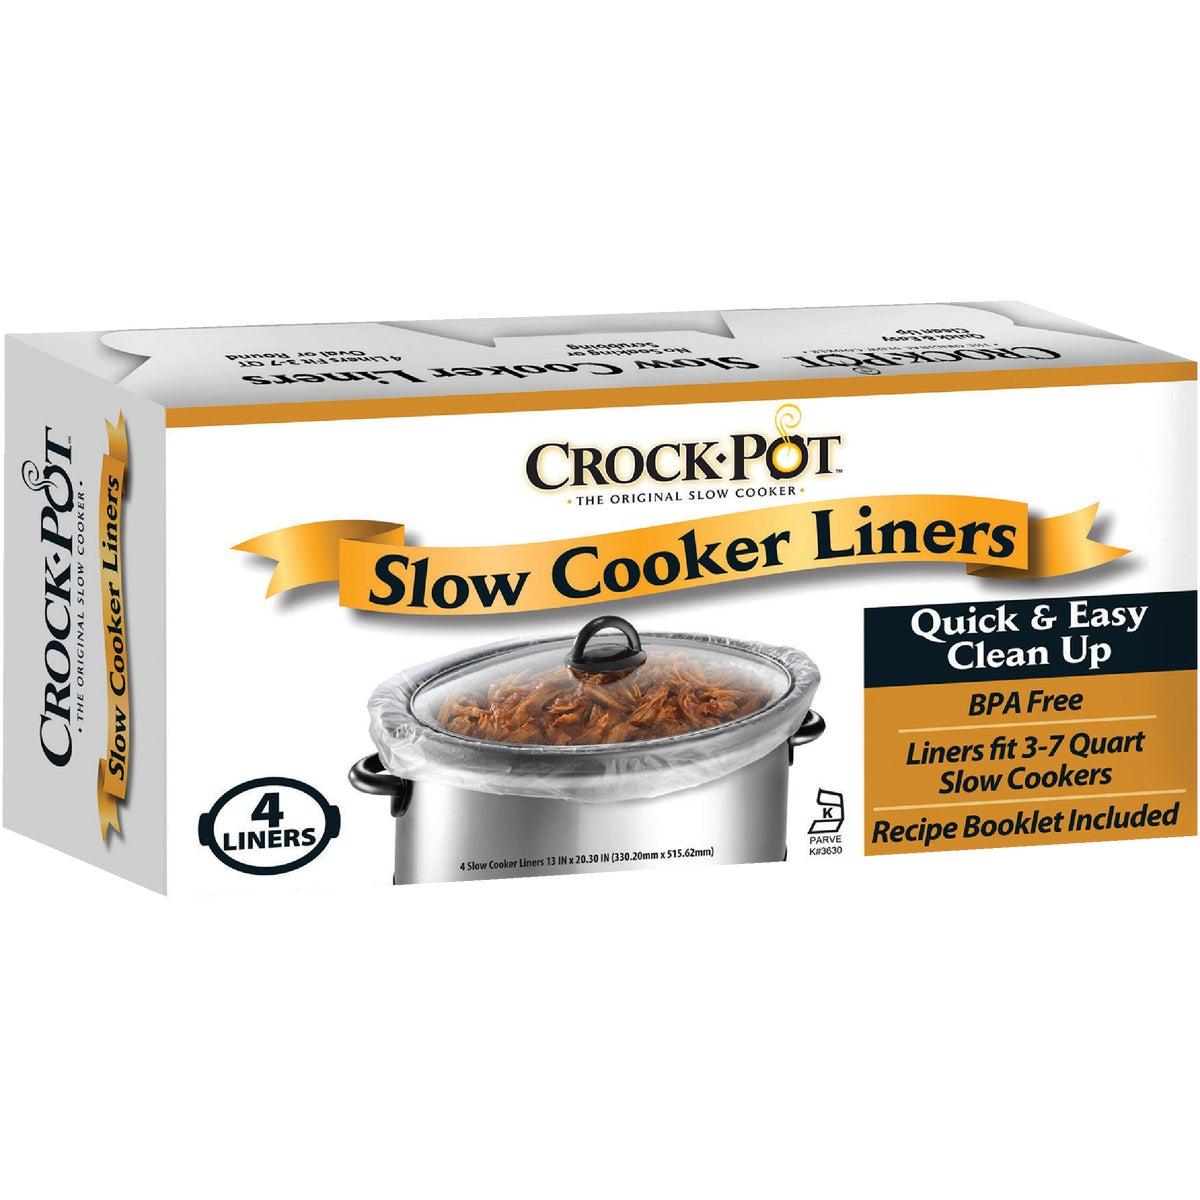 CROCKPOT SLOW CKR LINER - 4142690001 by Jarden Home Brands